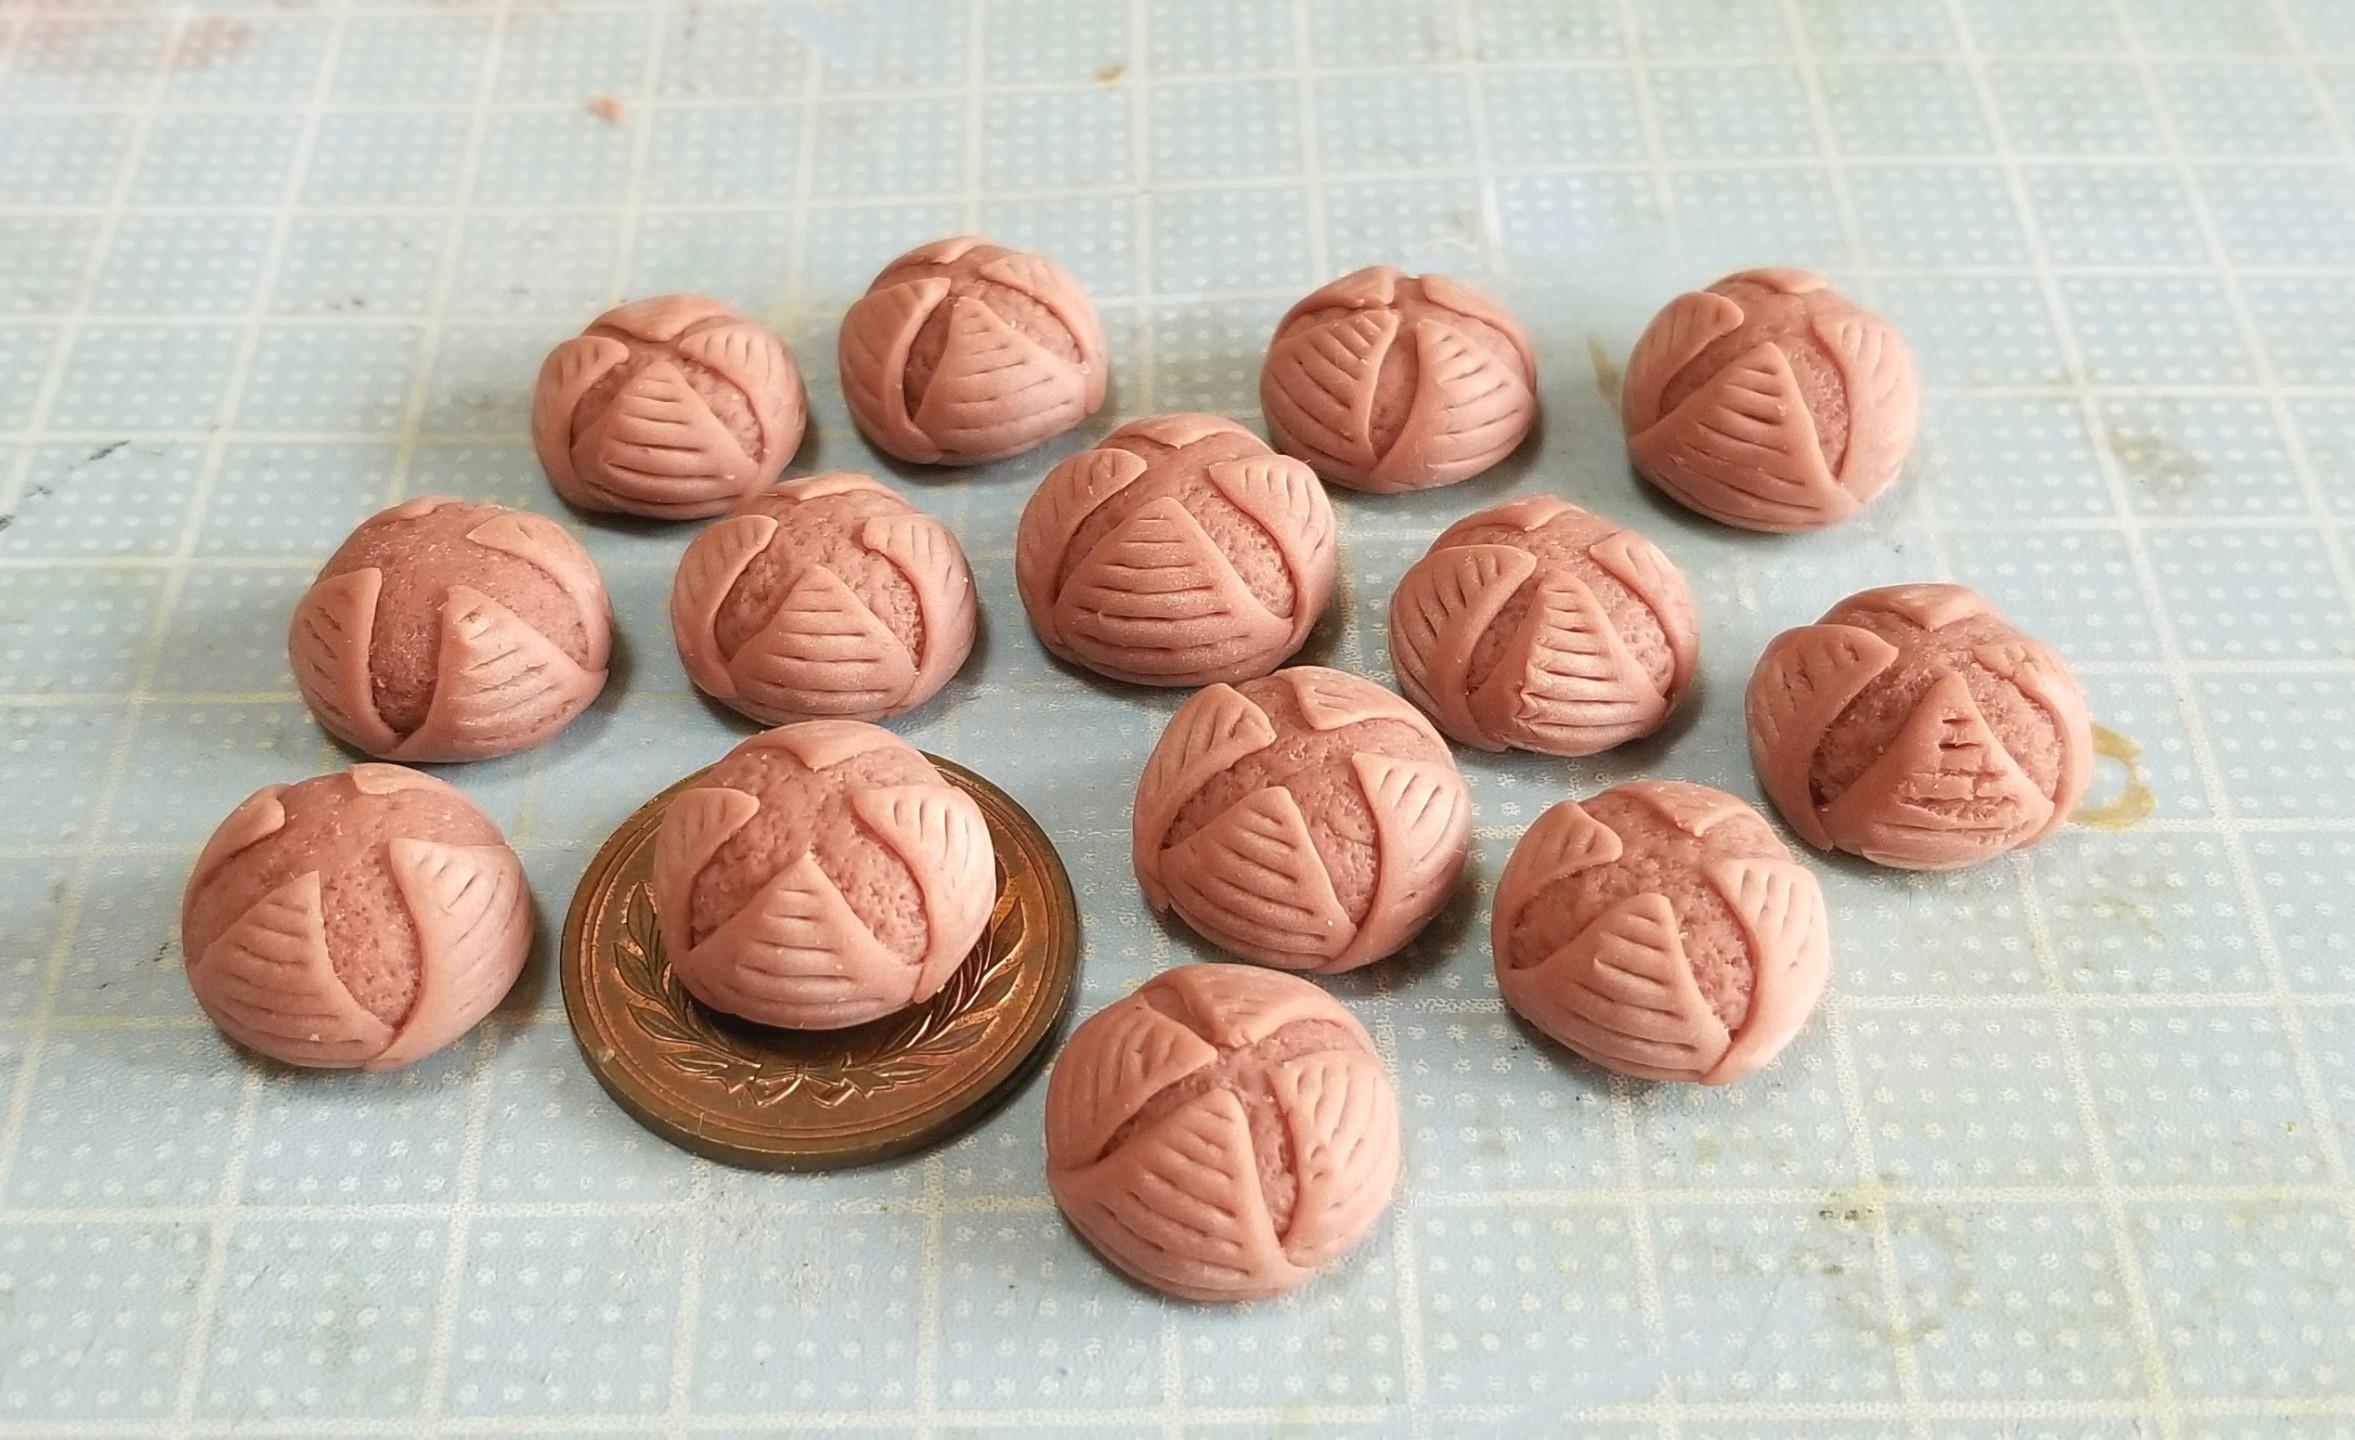 ミニチュア, カンパーニュ, 作り方, 樹脂粘土, 着色, ハンドメイド